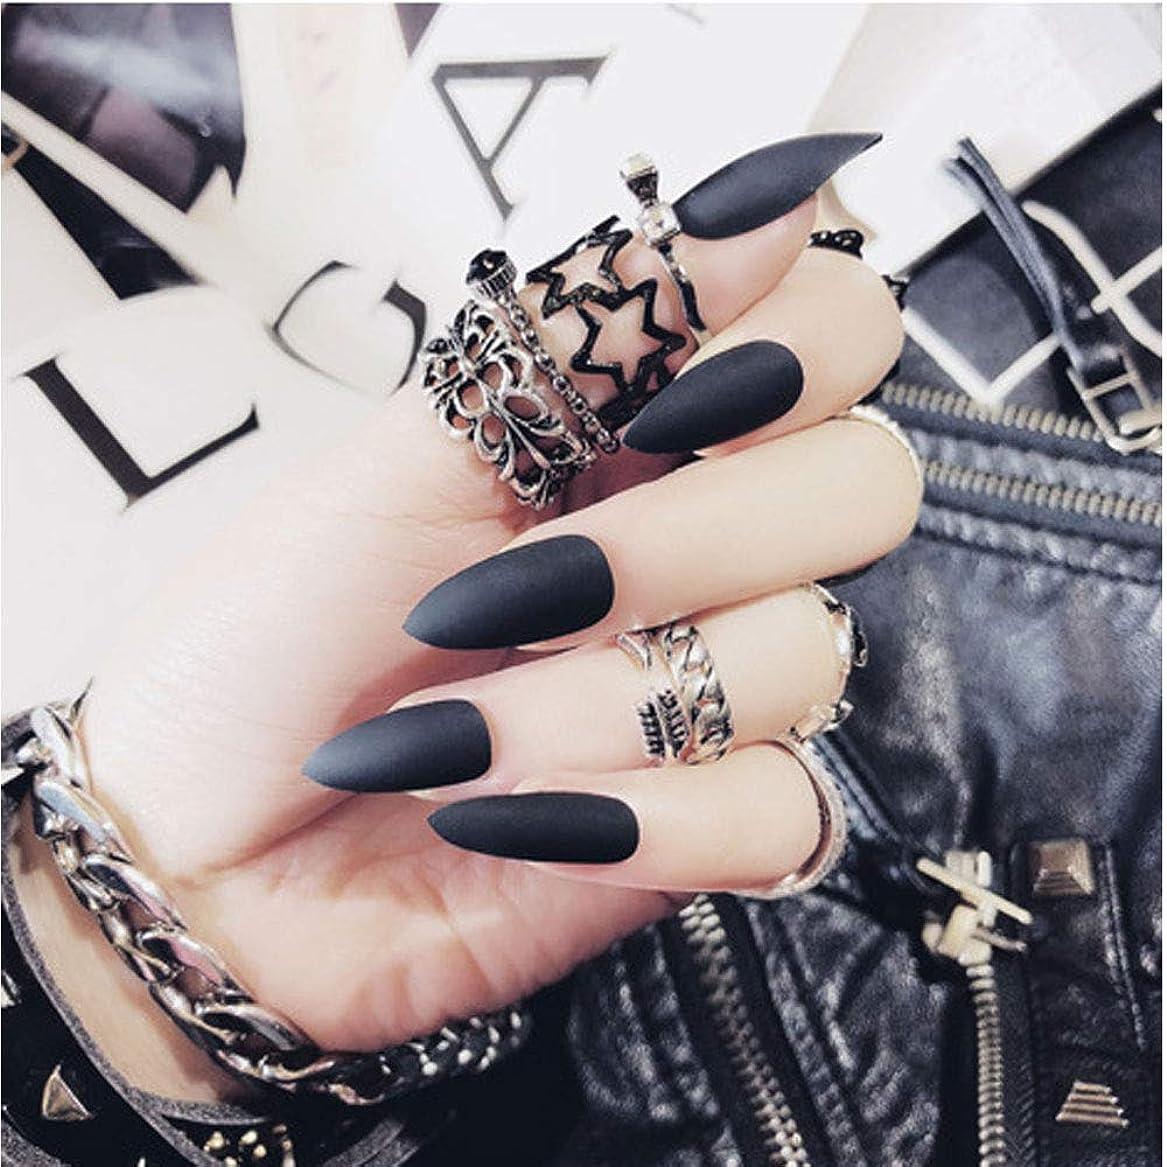 従順な受ける踏み台24Pcs 12 Different Sizes Matte Black Stiletto False Nails Long Full Cover Nails Tips (Black) (Black)